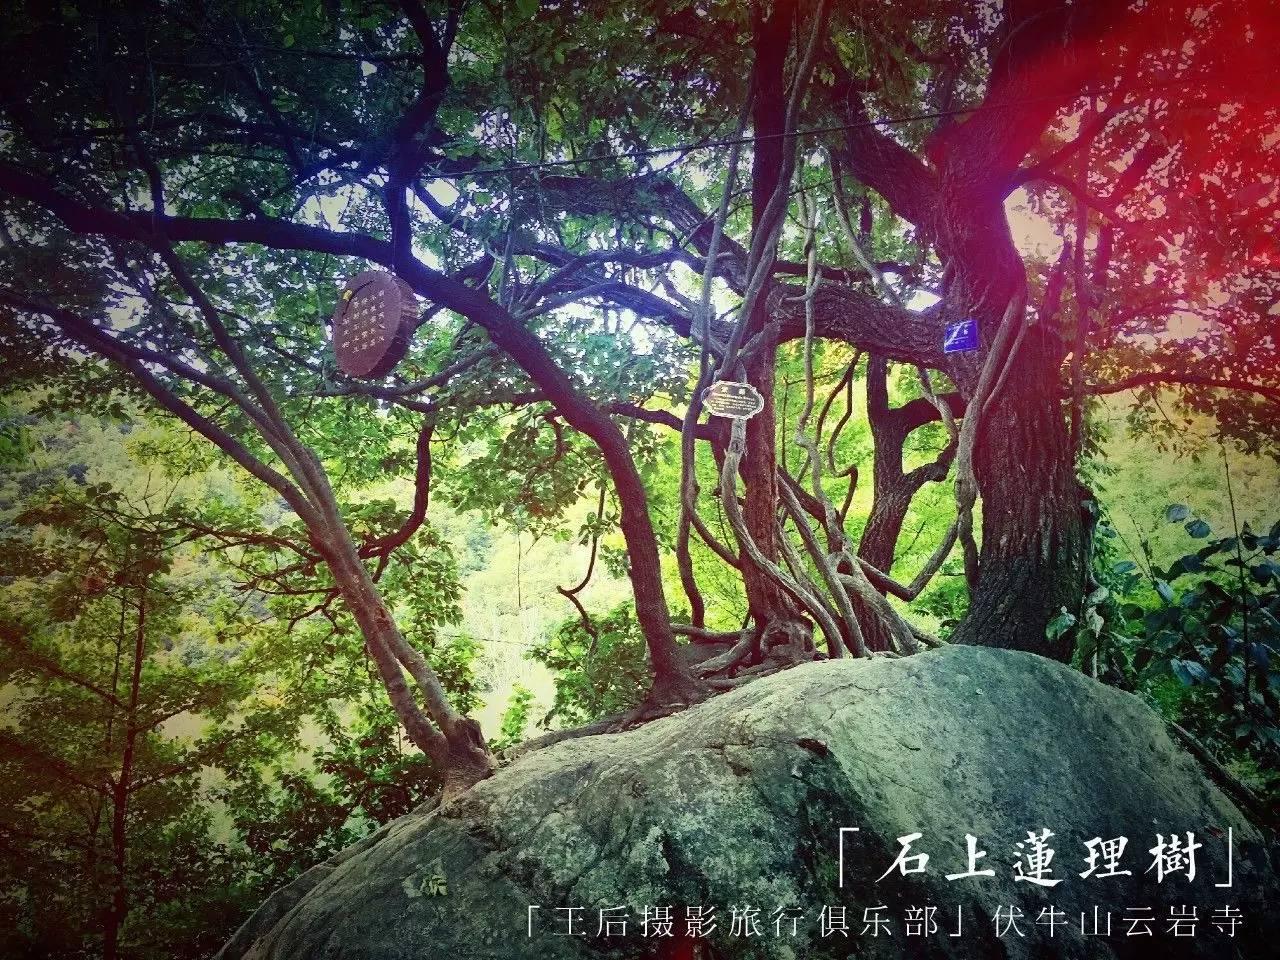 如果我是一棵树 - 日记 - 豆瓣